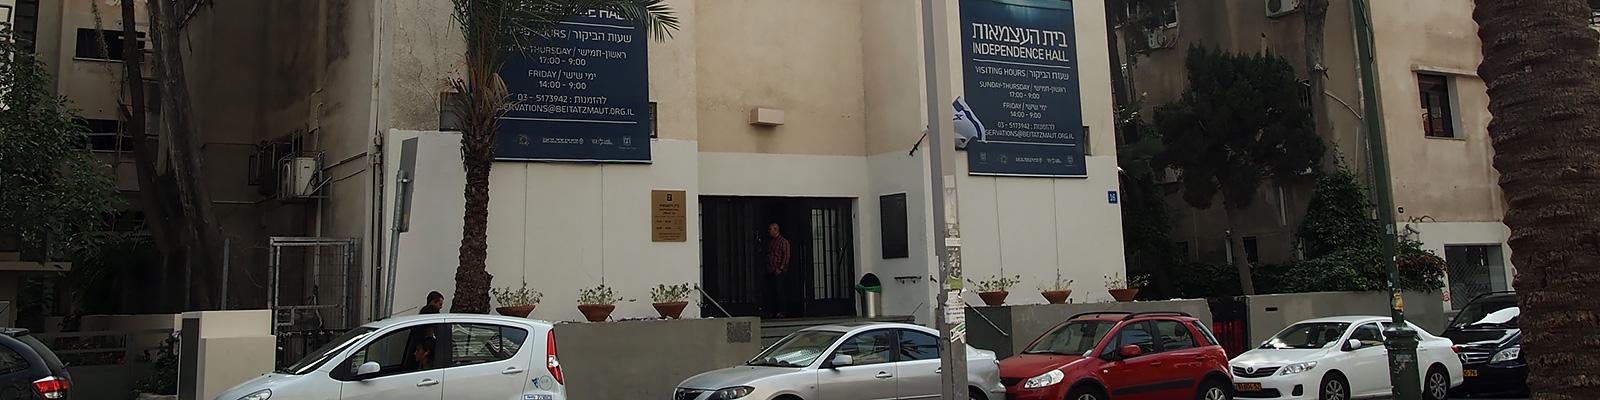 テルアビブの中心部、並木の美しいロスチャイルド通りに面した独立記念ホール